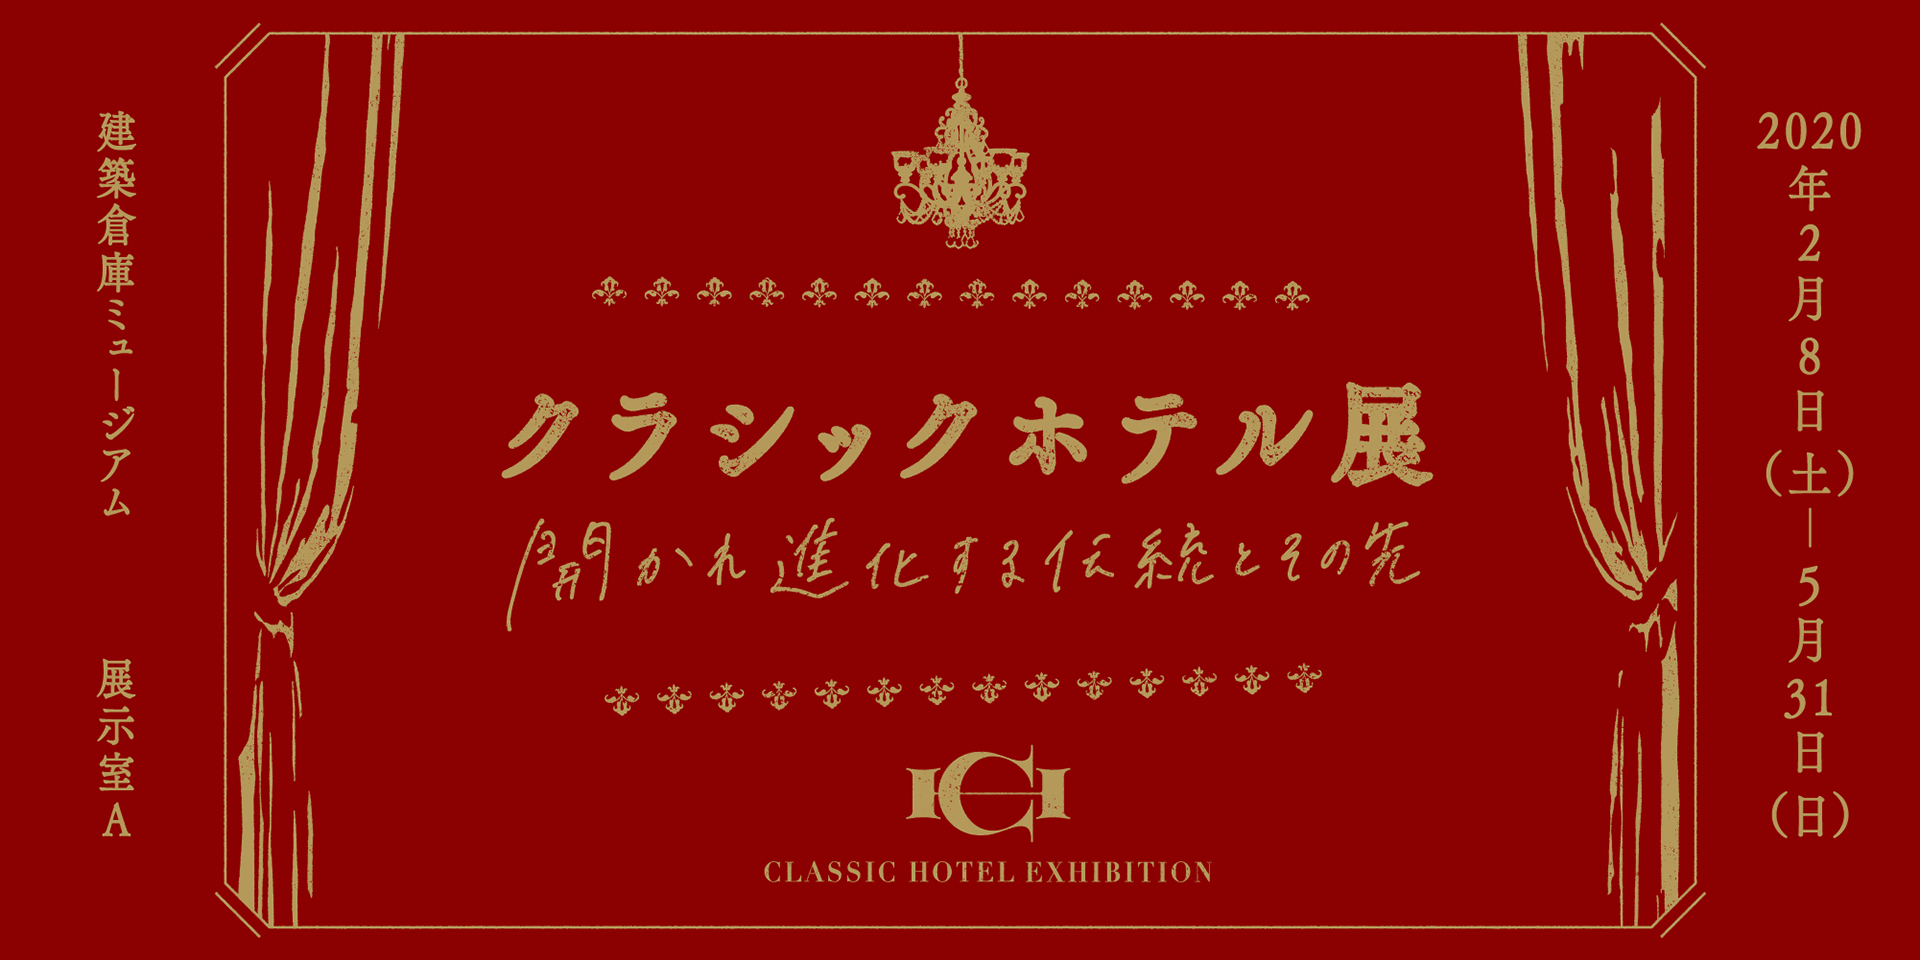 クラシックホテル展 -開かれ進化する伝統とその先-バナー